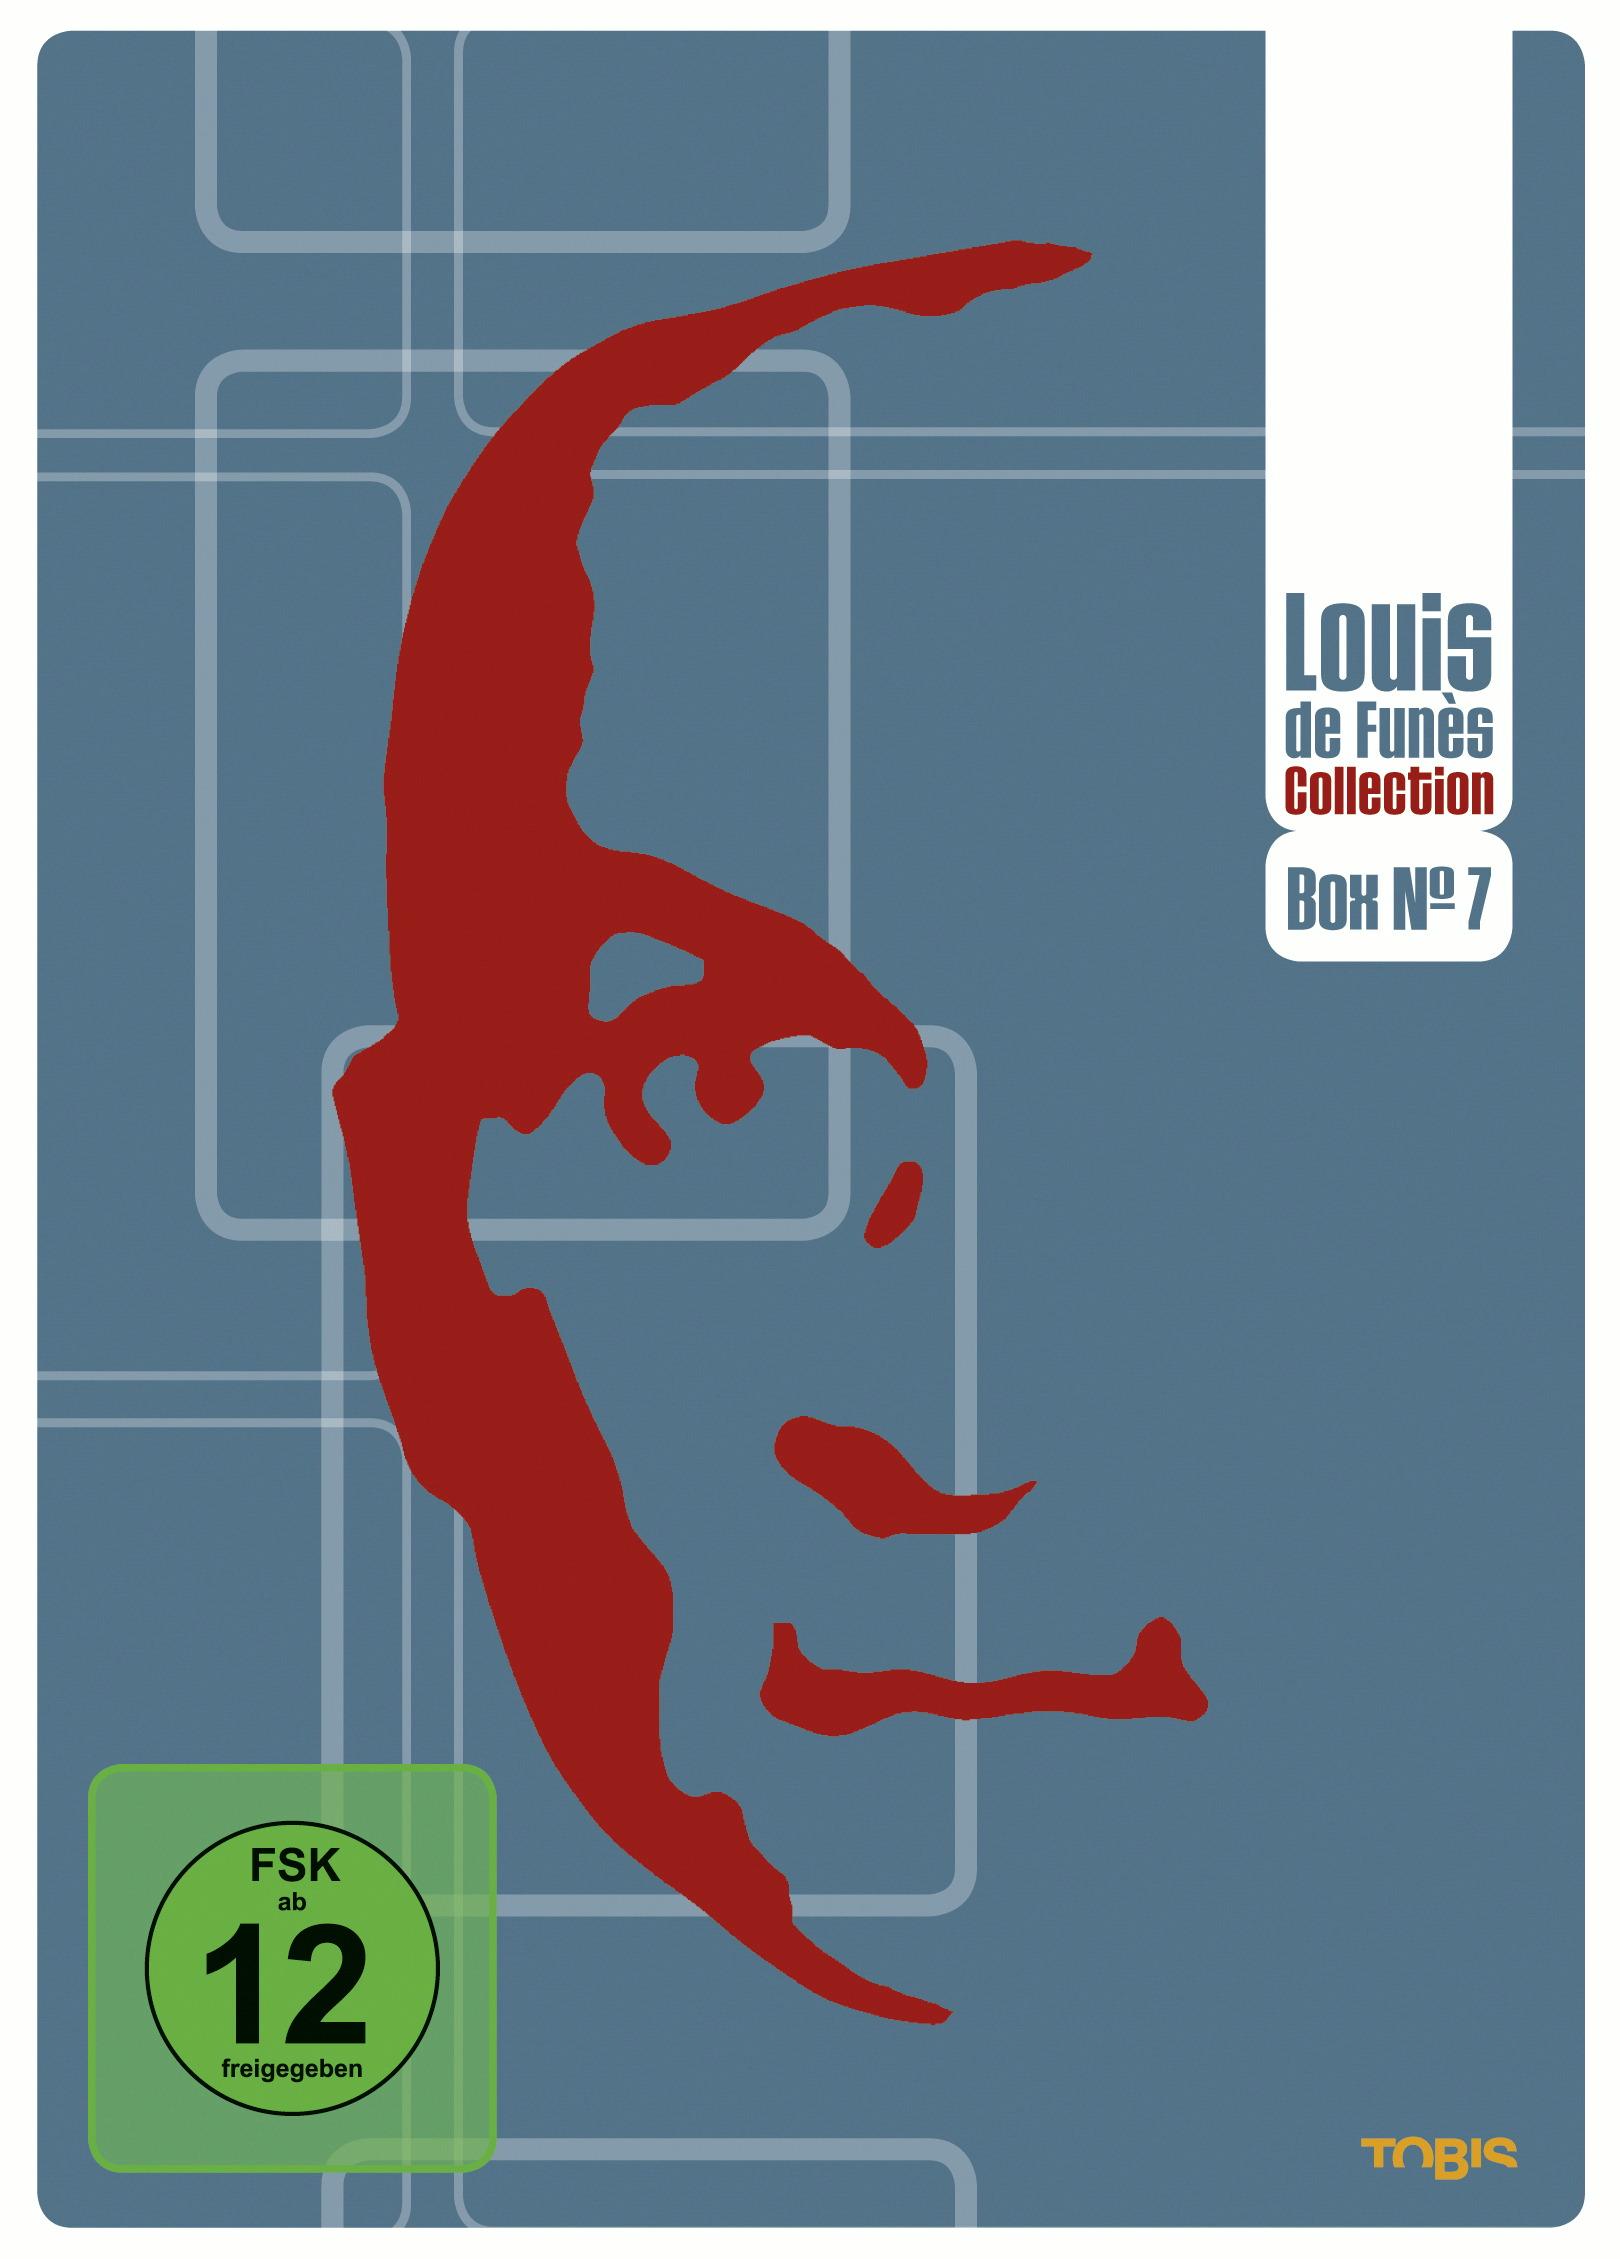 Louis de Funès DVD Collection Box No. 7 (3 Discs) Poster